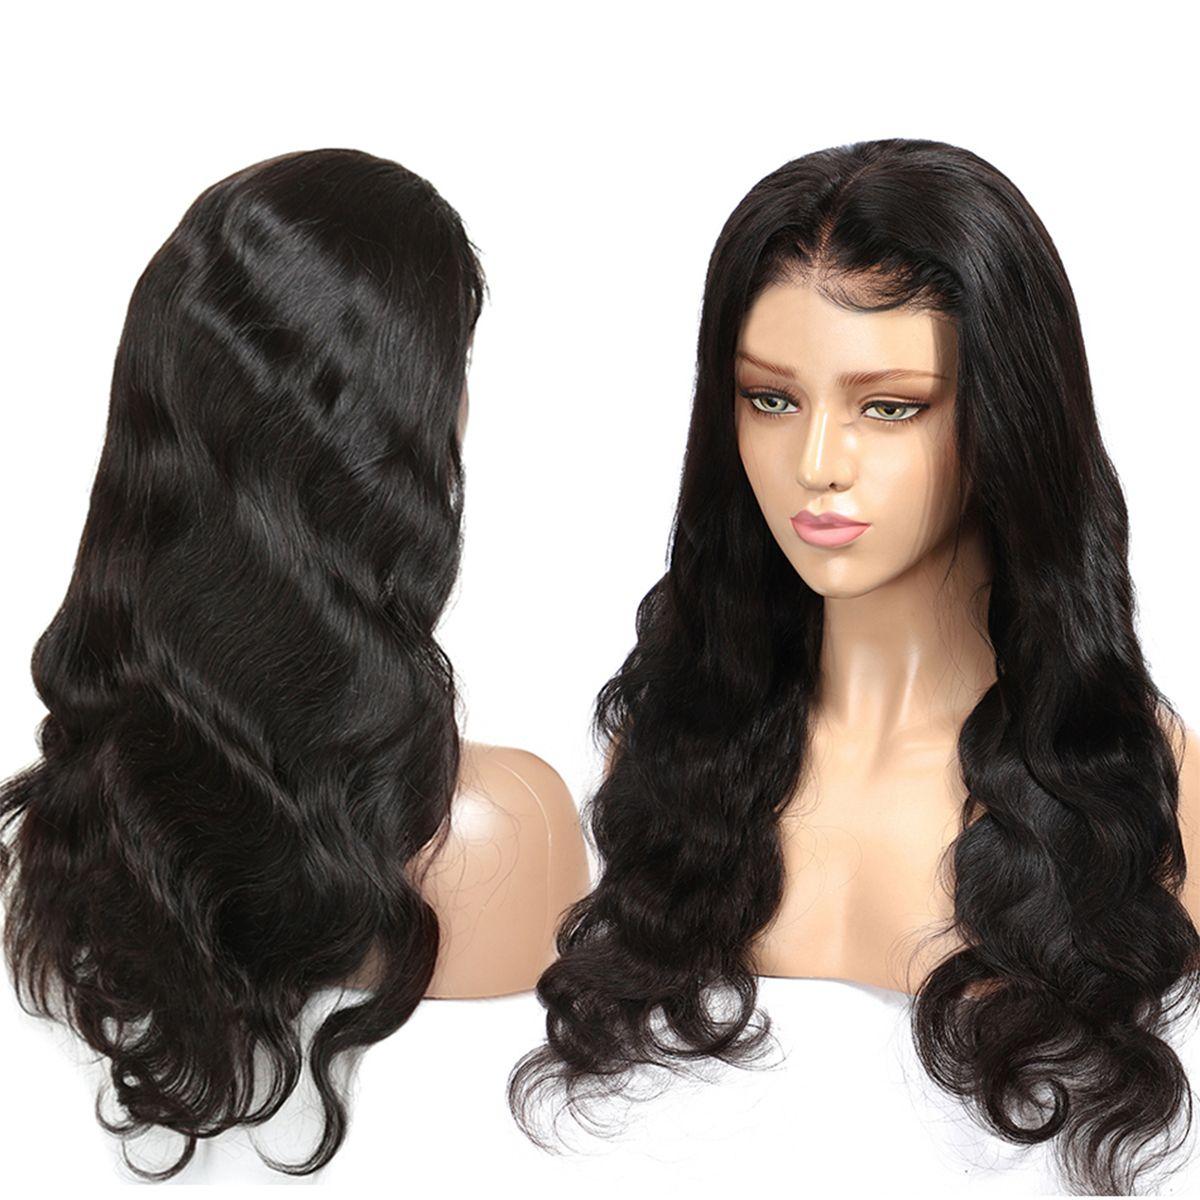 body wave 13x4 wig